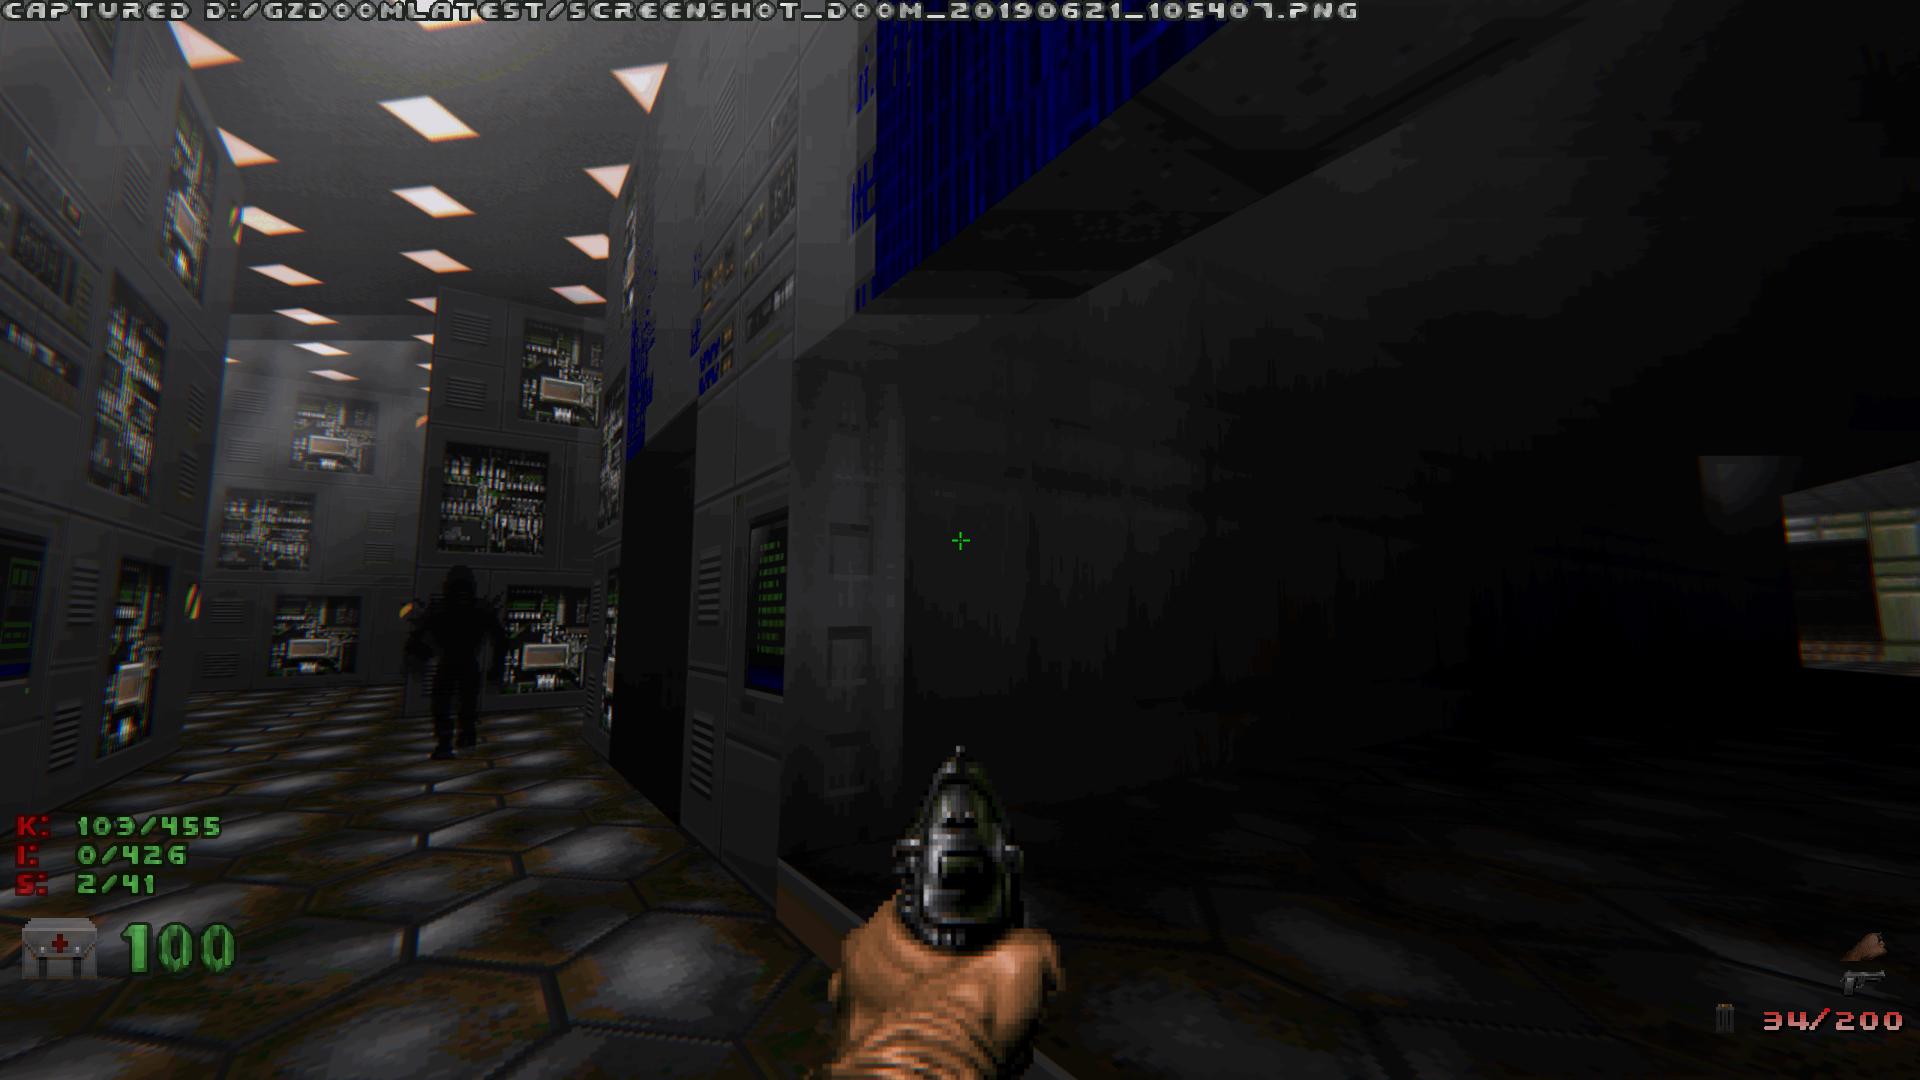 Screenshot_Doom_20190621_105409.png